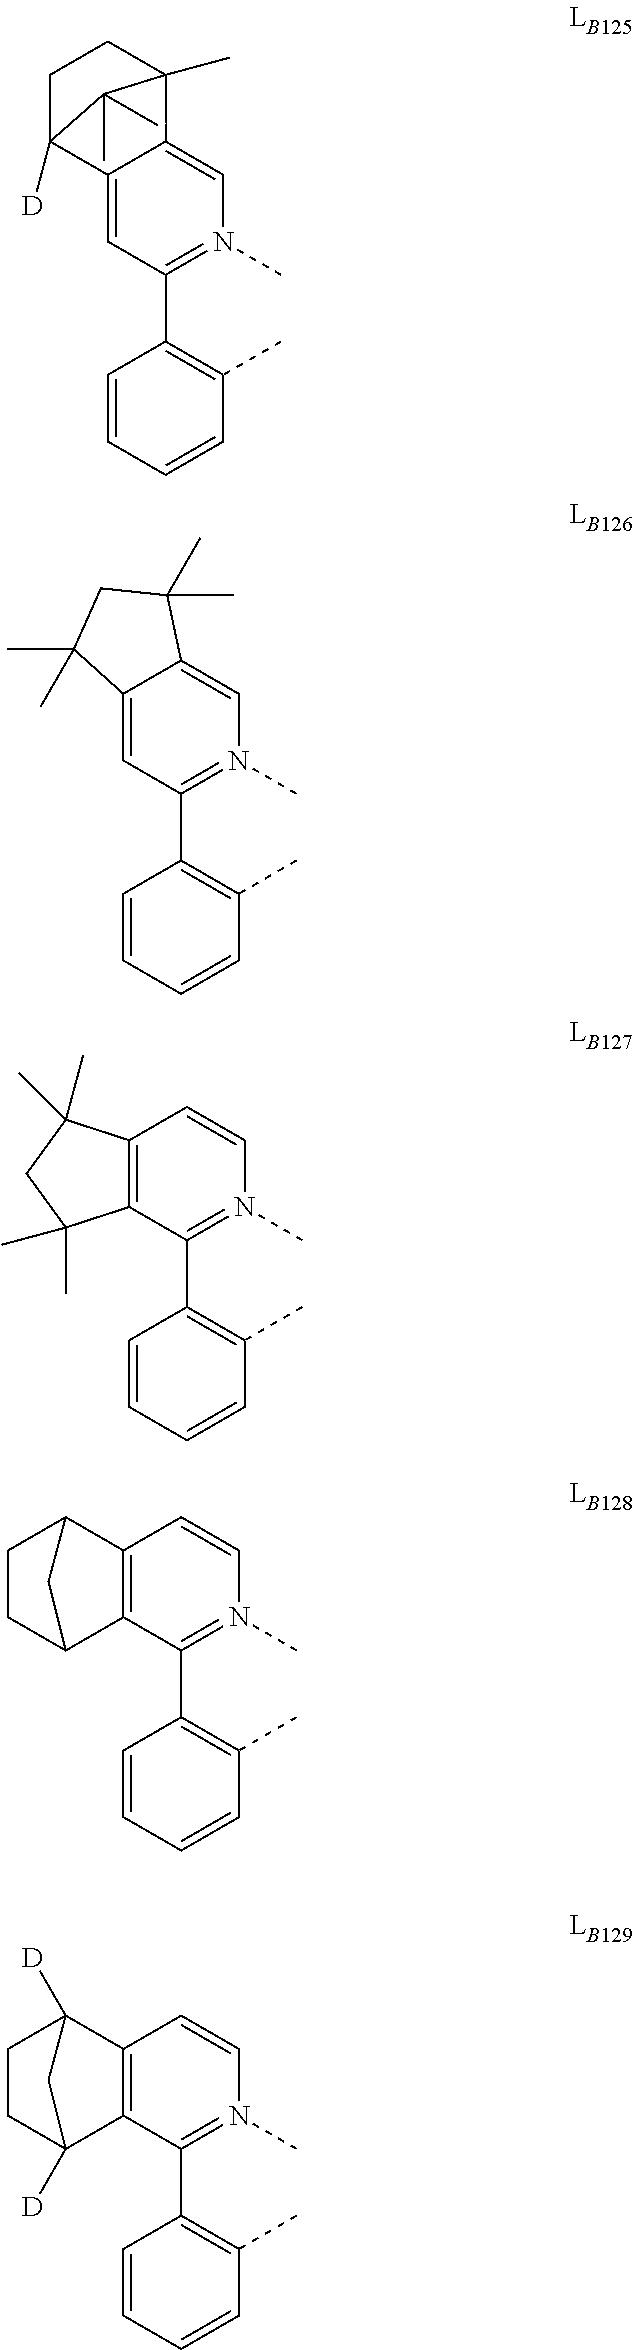 Figure US20160049599A1-20160218-C00522